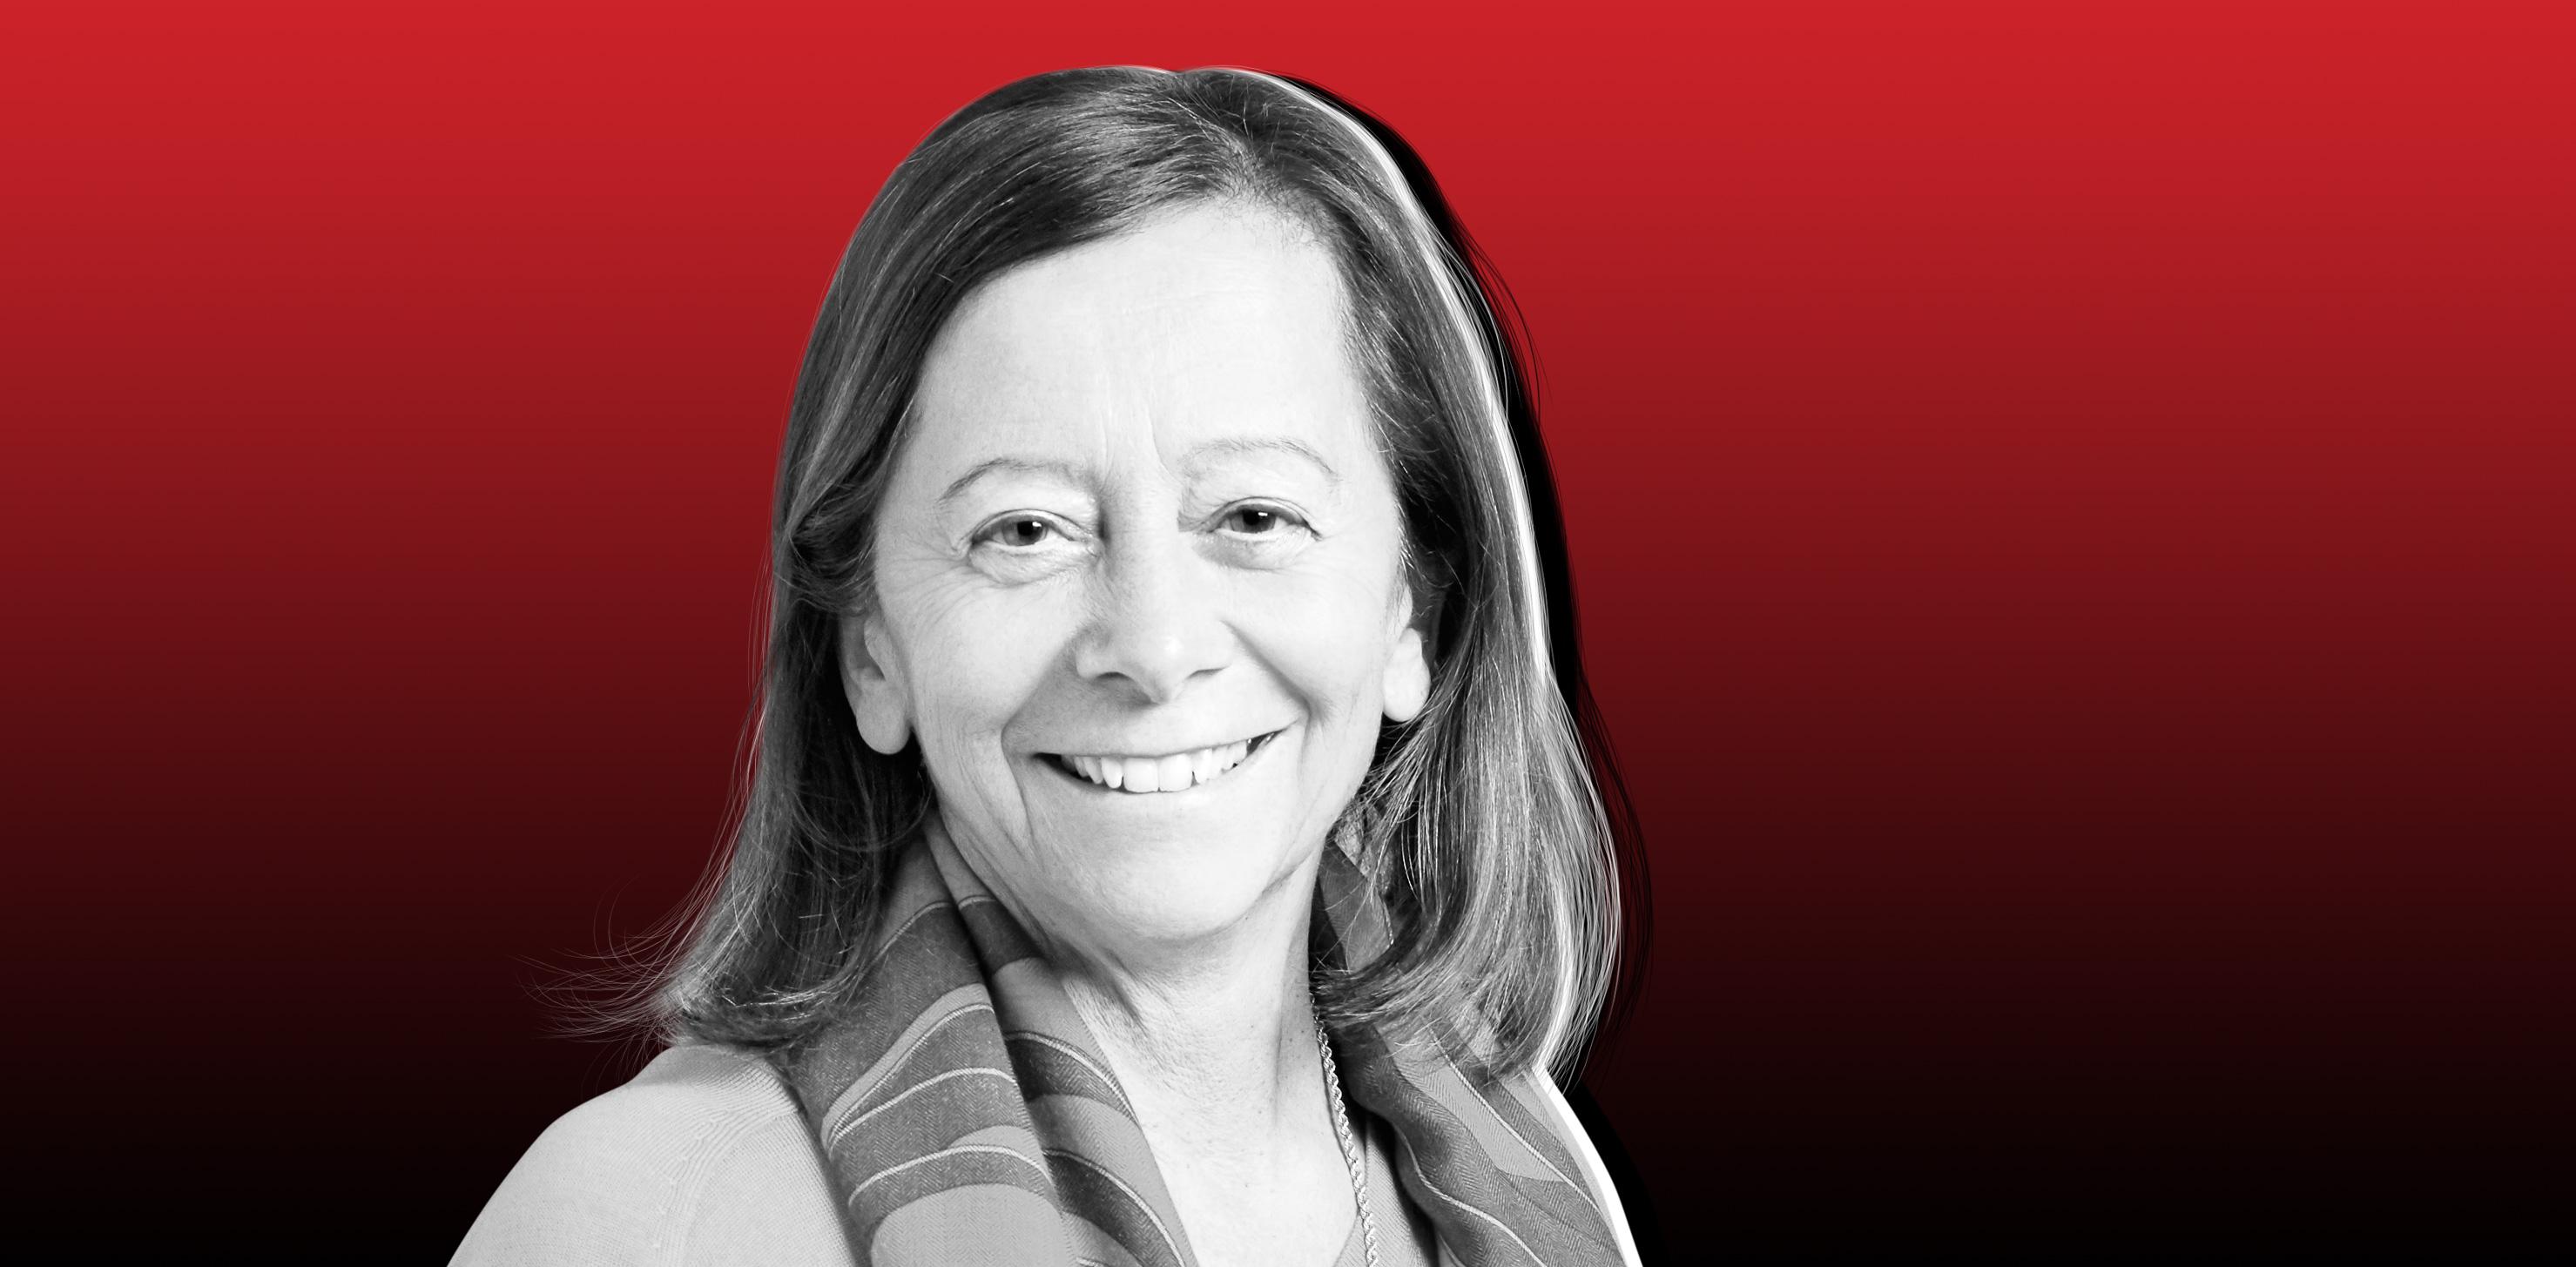 IMPW 2019. 18. Dominique Senequier